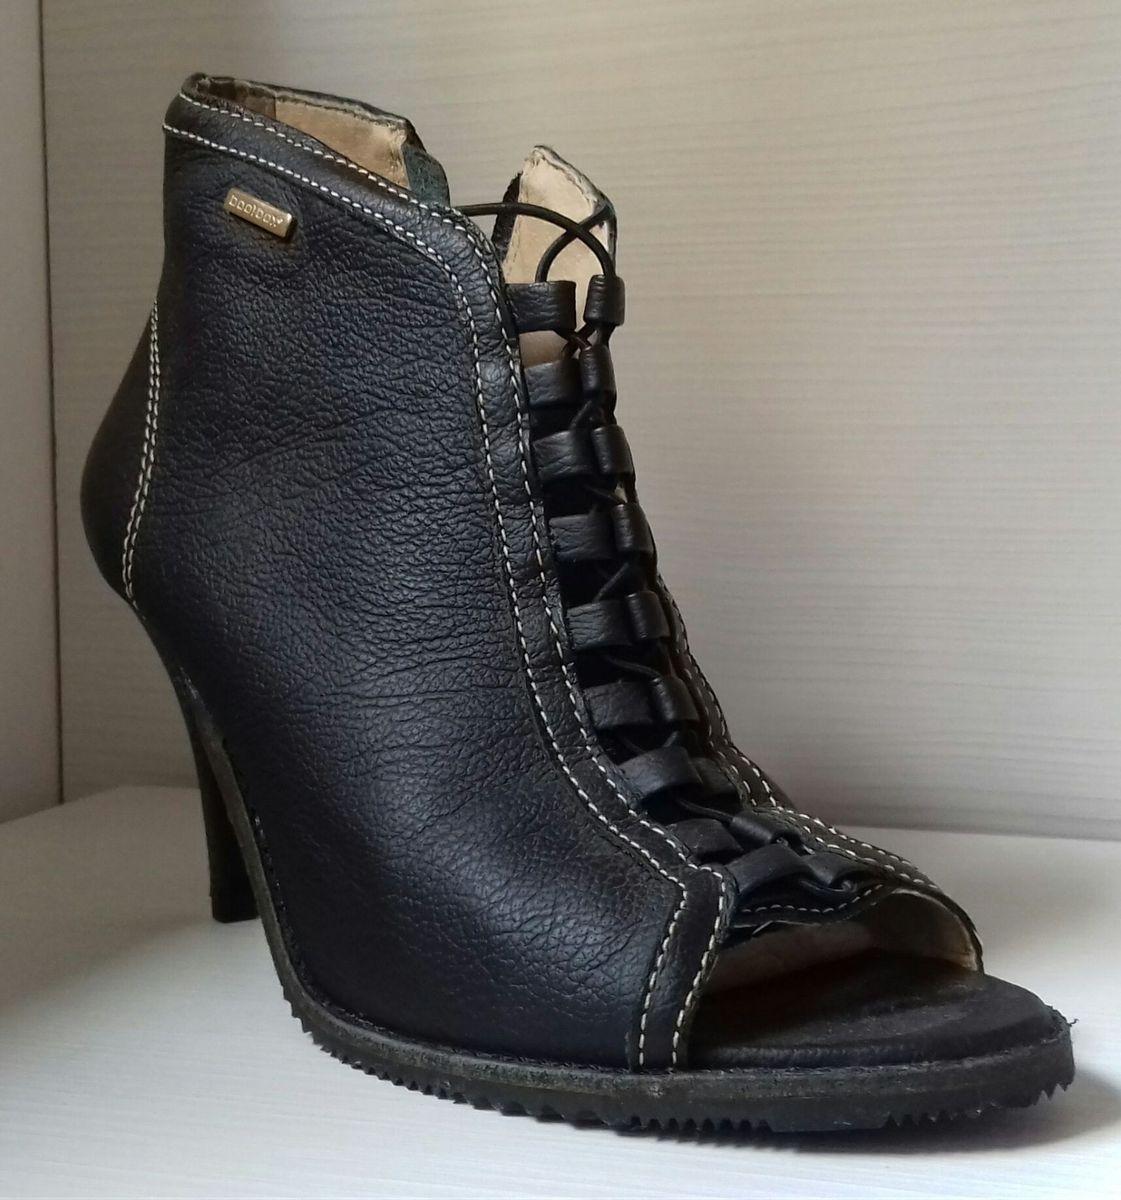 87f5e1c0e18 sandália bota preta - sapatos bootbox.  Czm6ly9wag90b3muzw5qb2vplmnvbs5ici9wcm9kdwn0cy81mjc1nzg3l2jkmjmxyjhjztyxotvlmtbmngfhotzkmmm2yzm4owjilmpwzw  ...